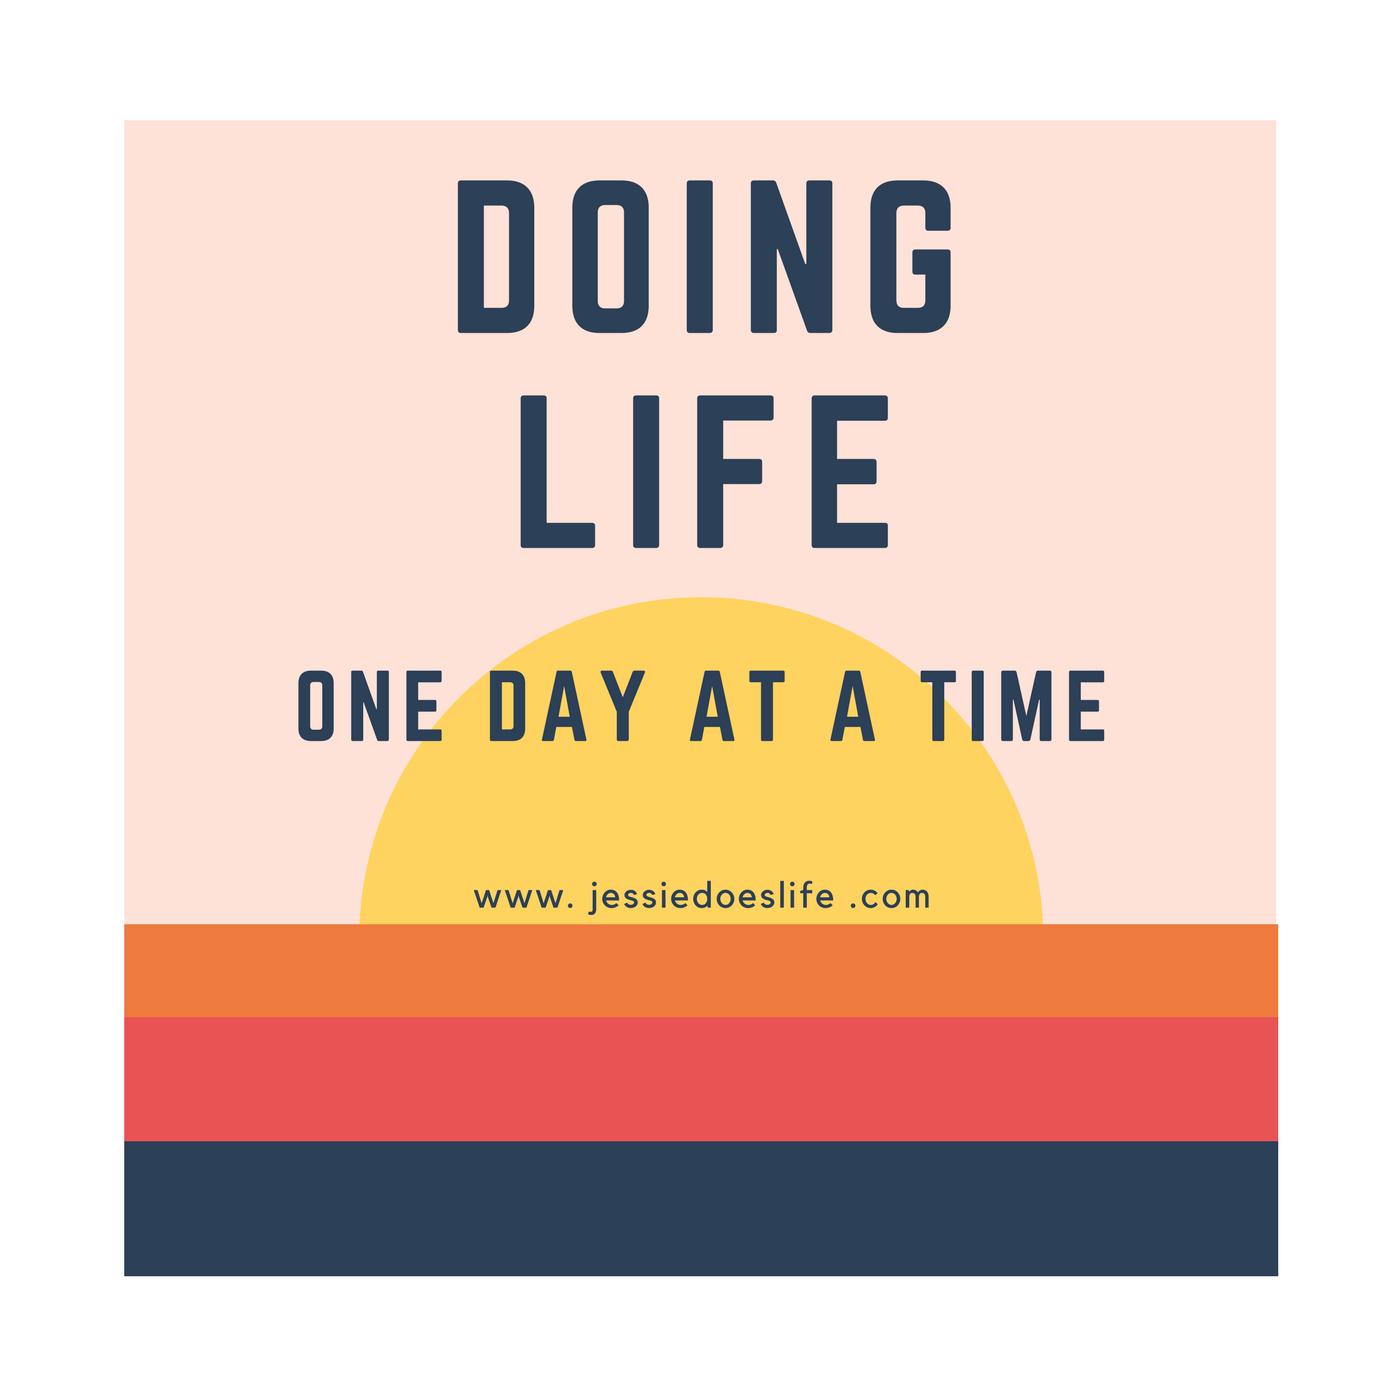 doinglife